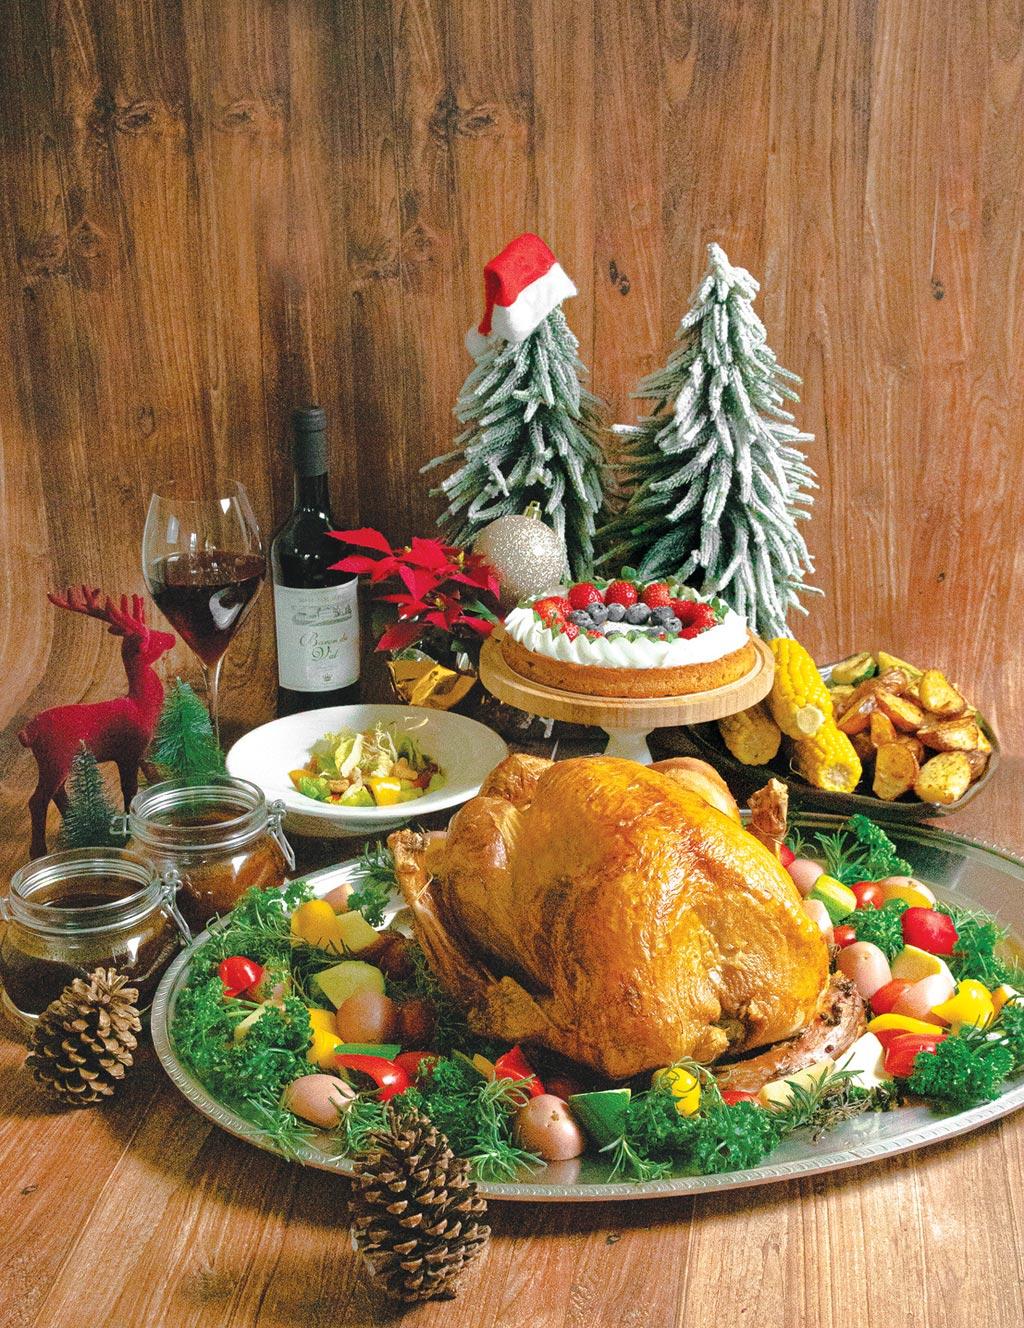 台中林酒店推出耶誕節限定蛋糕森林百匯,預訂耶誕晚餐 還有機會抽大獎。圖/台中林酒店提供